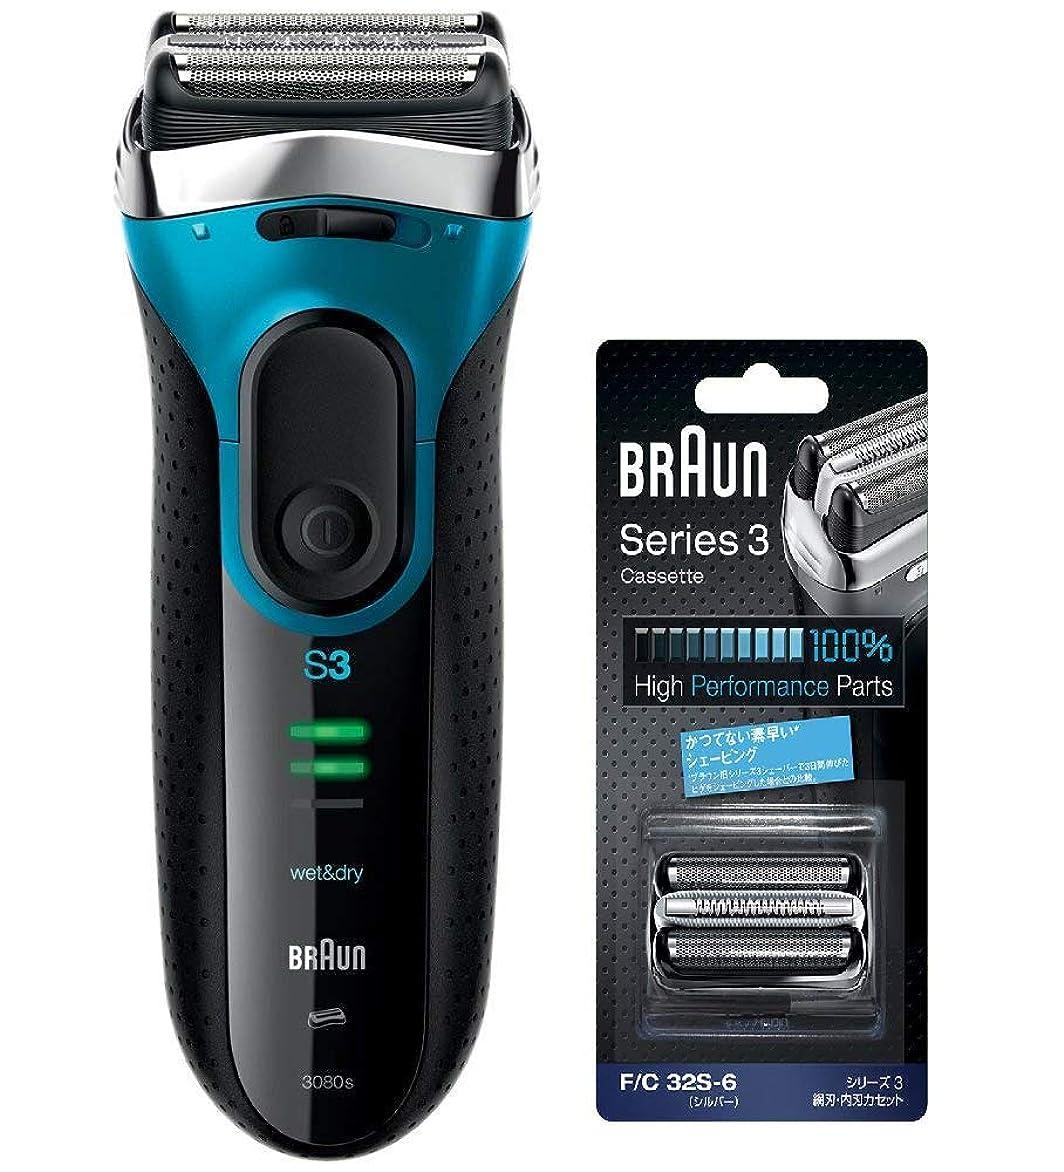 受け取るコート賃金ブラウン メンズ電気シェーバー シリーズ3 交換用替刃付 3080S-B-SET 3枚刃 水洗い/お風呂剃り可 ブルー